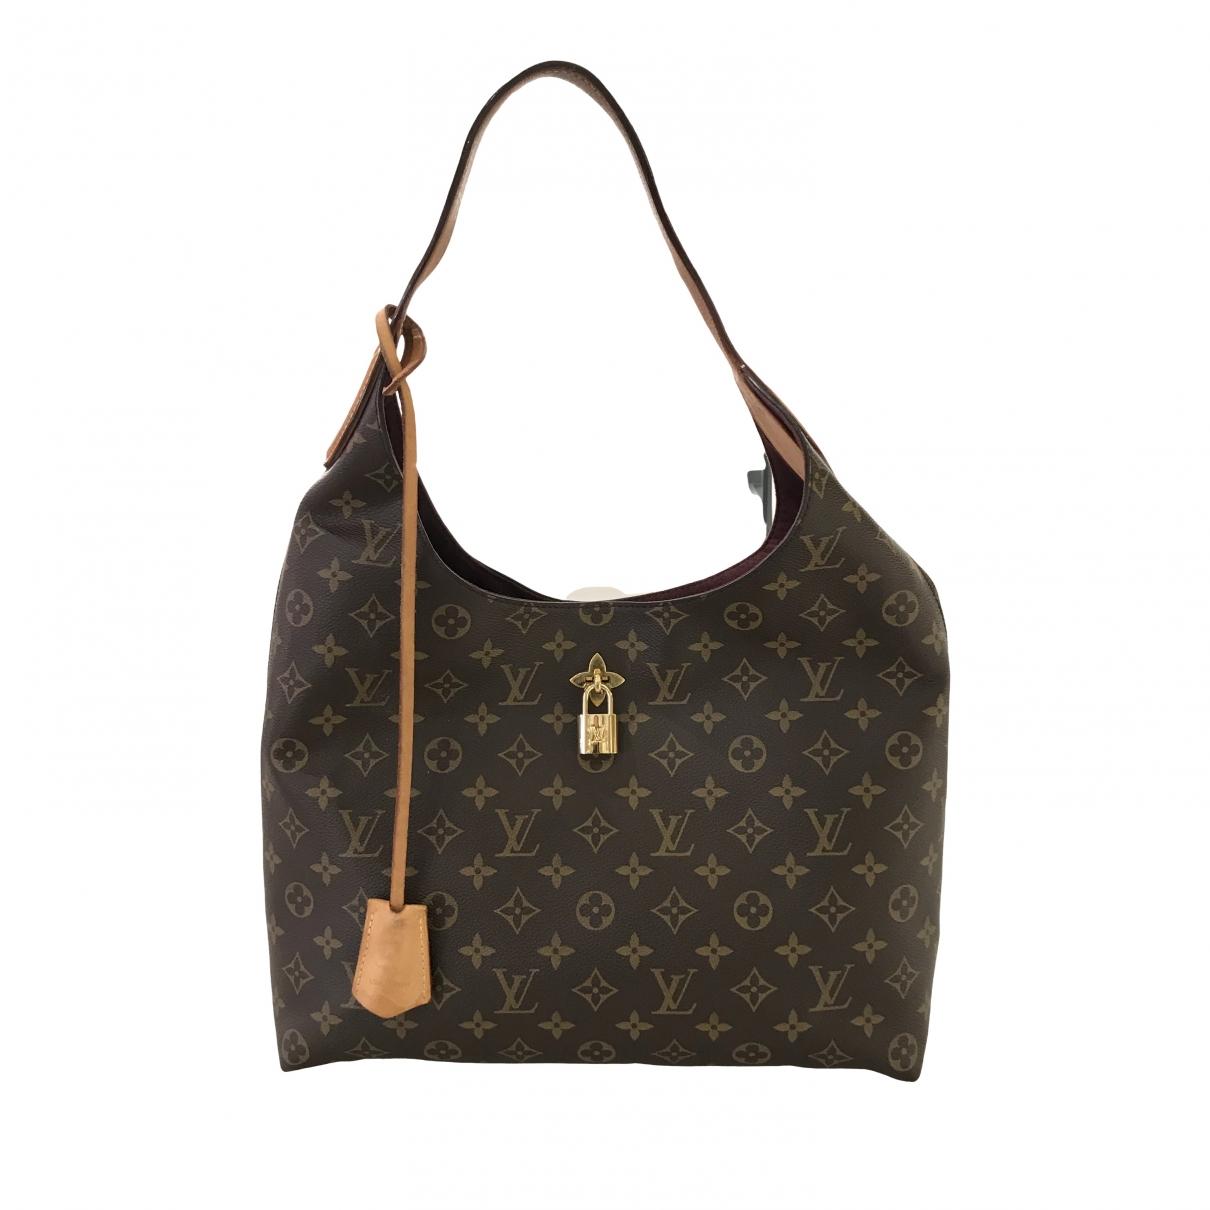 Louis Vuitton Flower Tote Brown Cloth handbag for Women \N